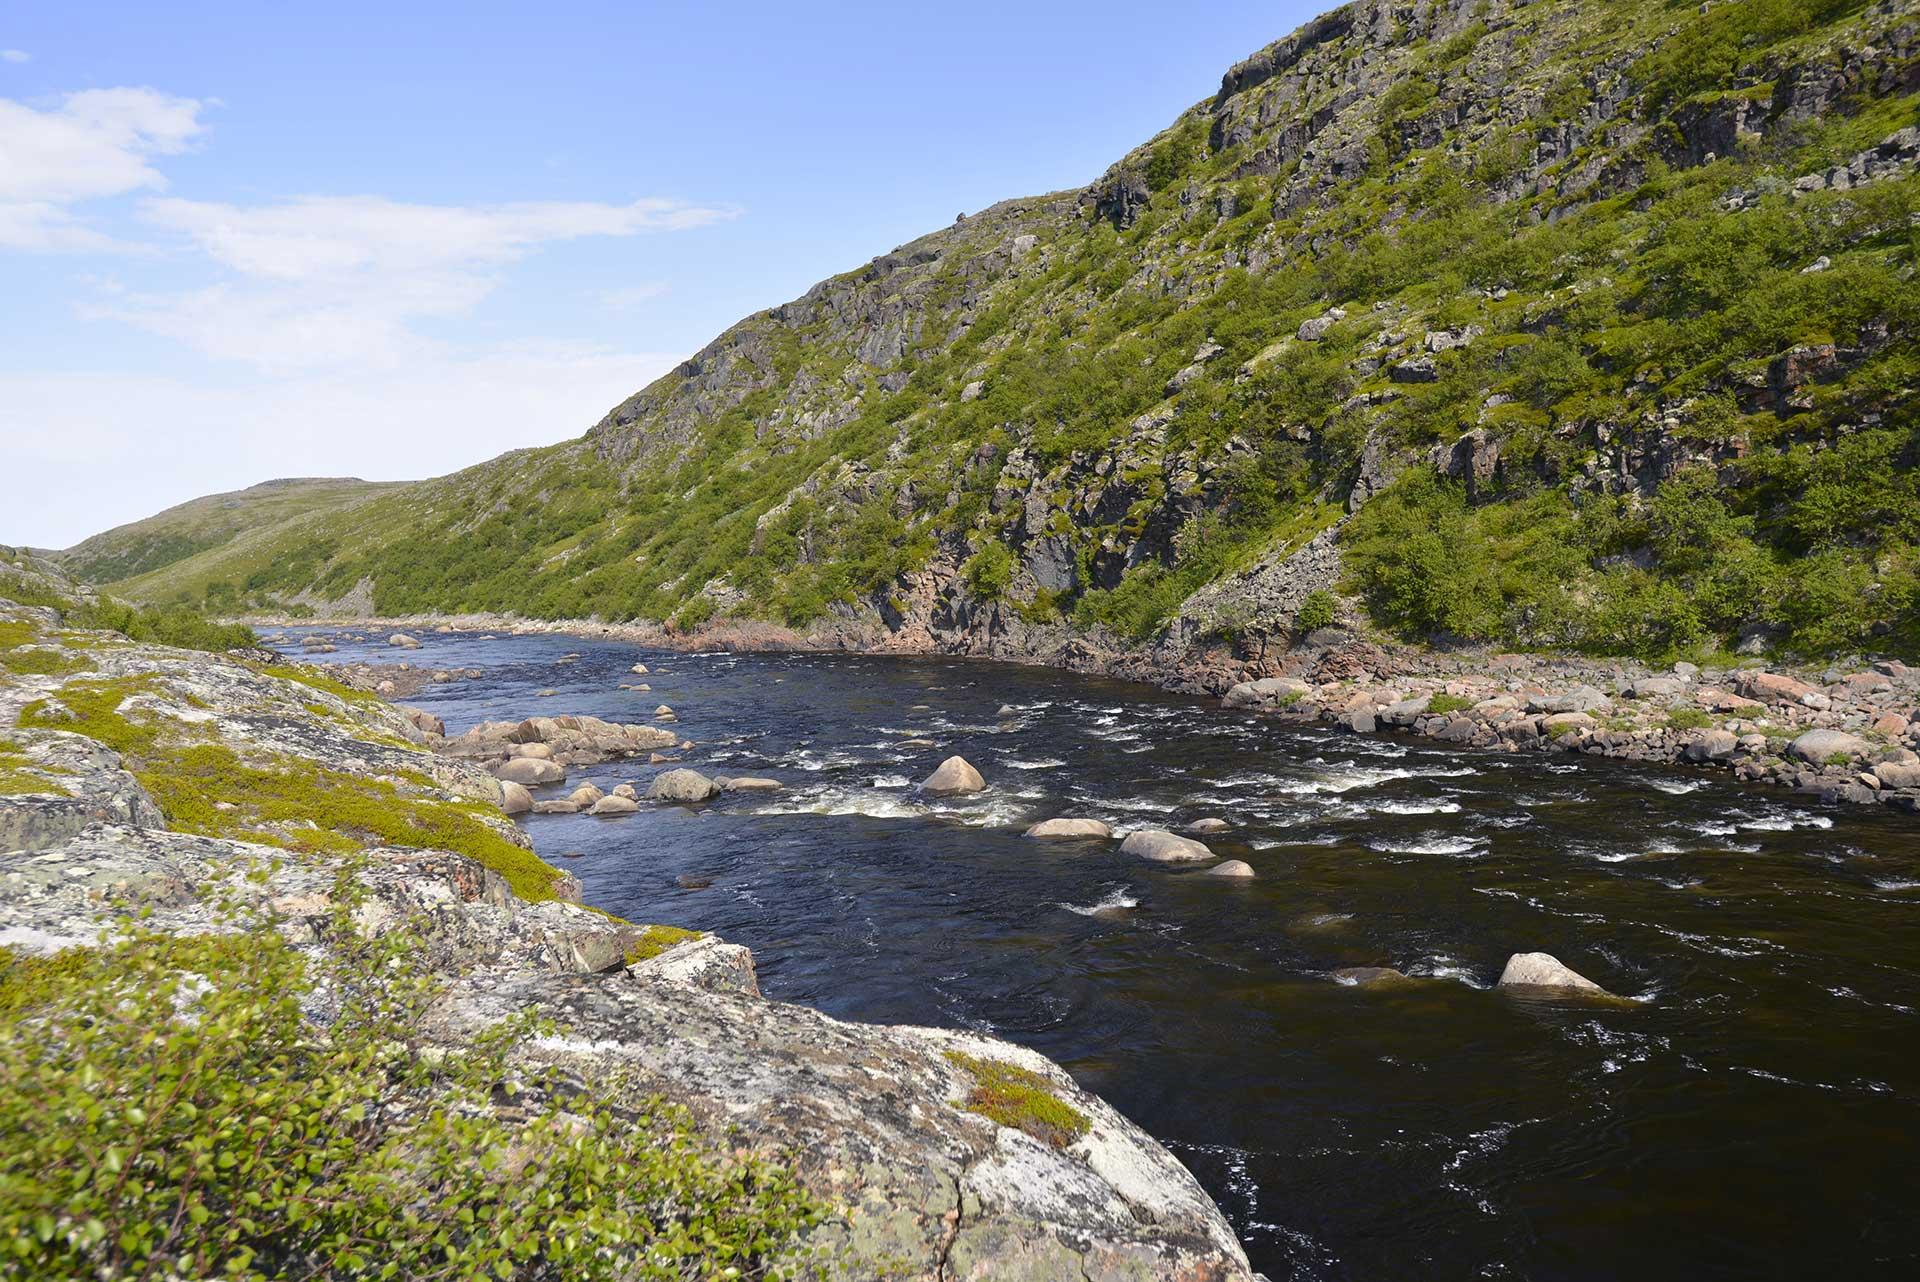 Russie Kharlovka Gal Pac Voyages de pêche